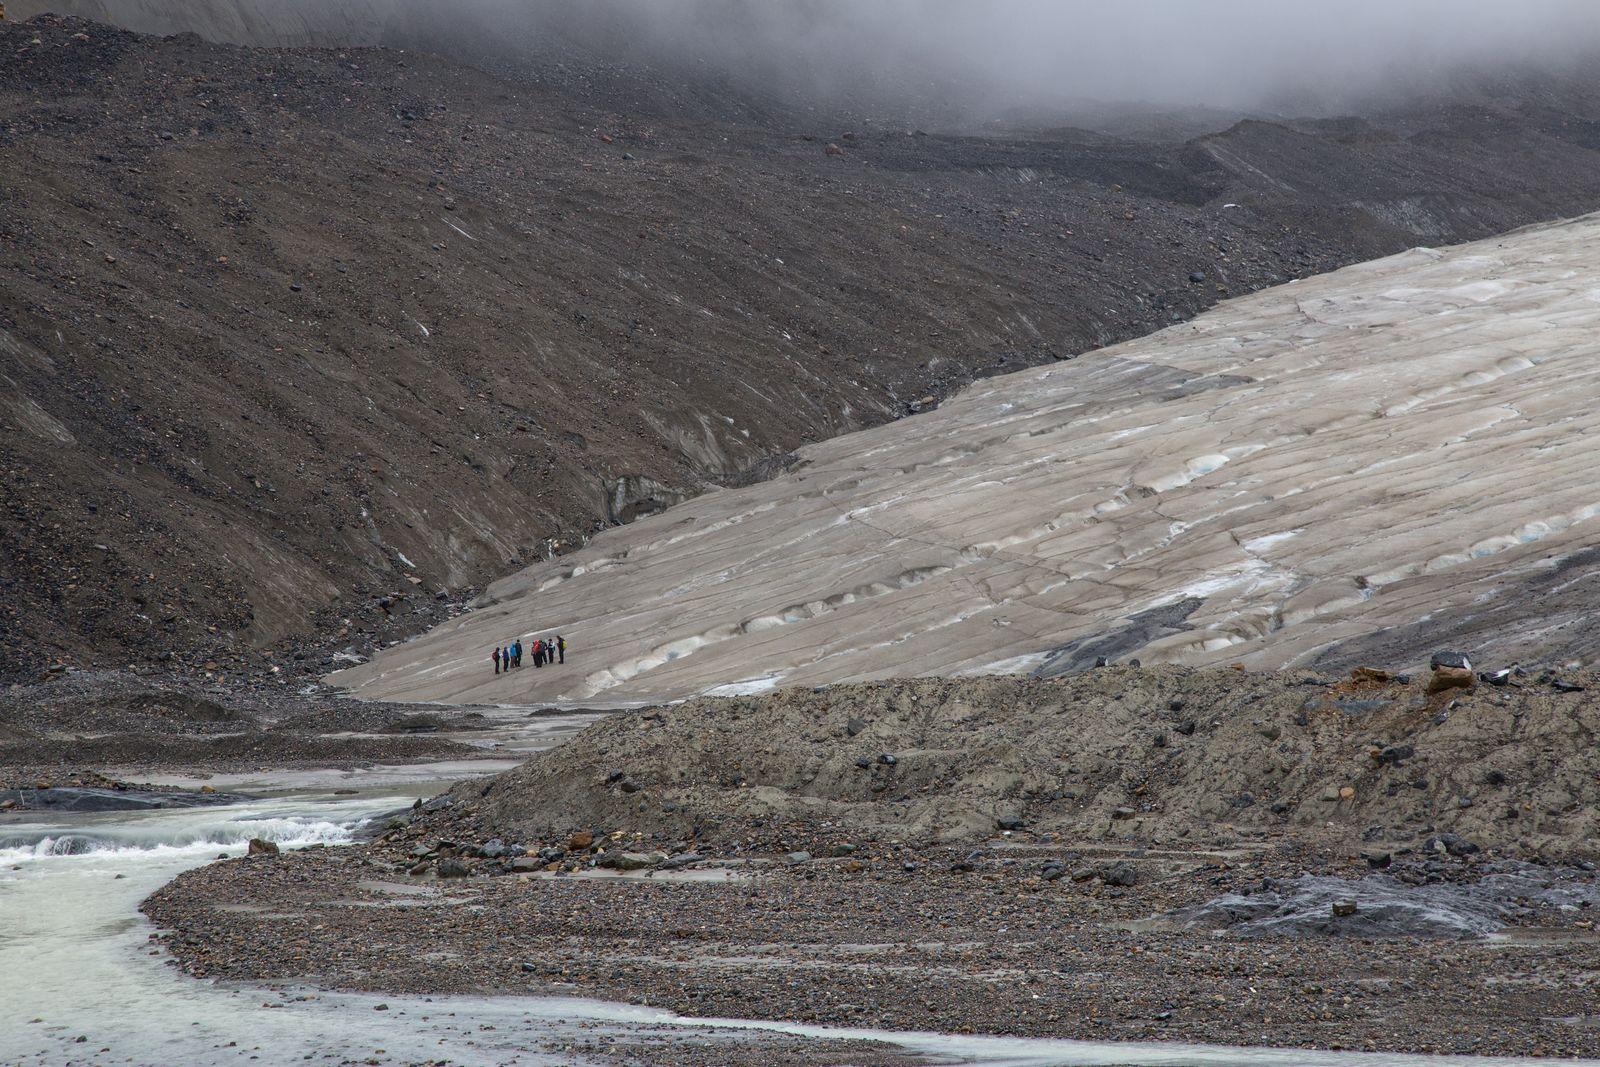 Primeros grupos del día preparándose para caminar sobre el glaciar